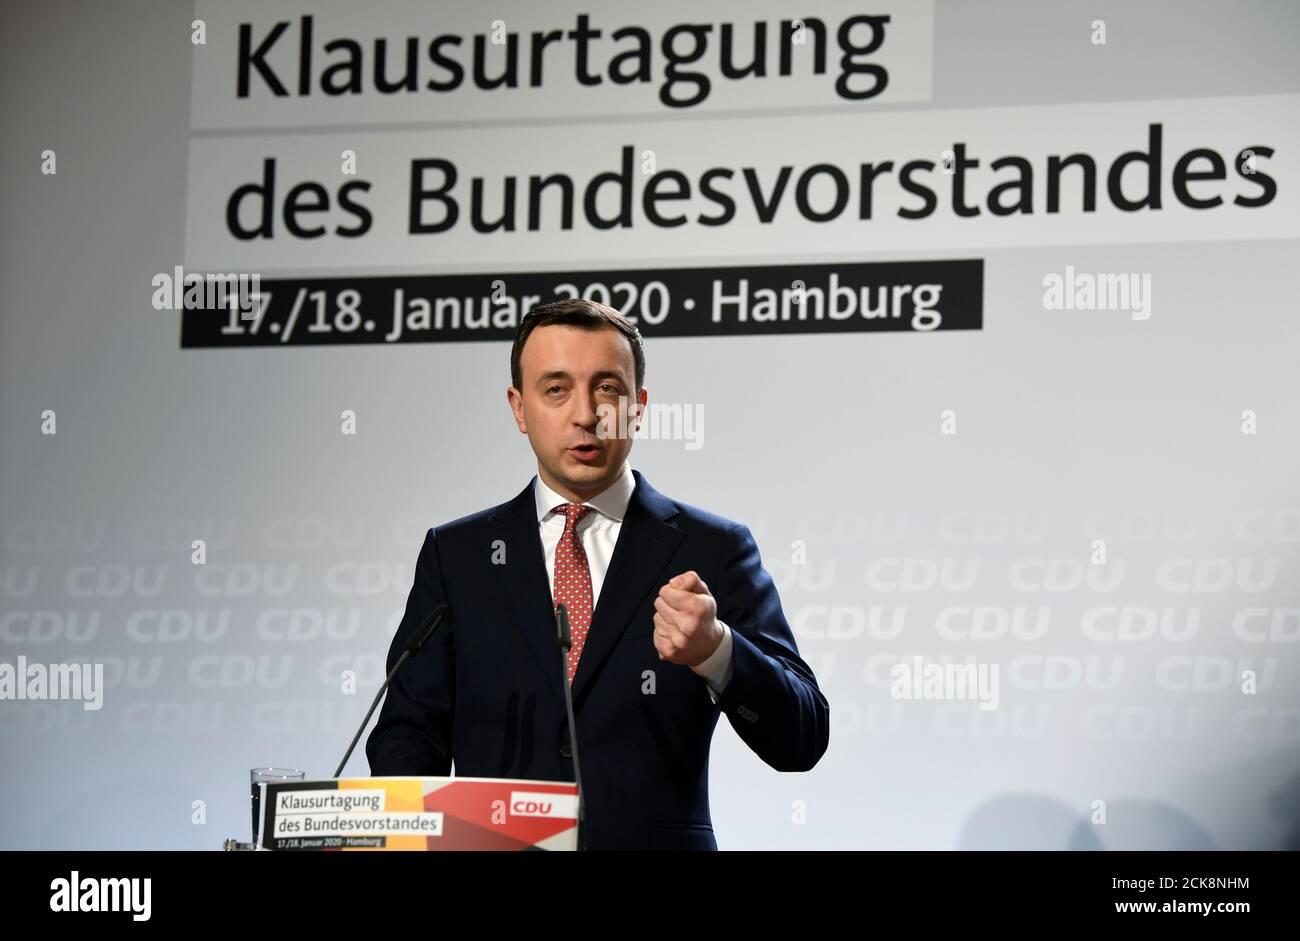 El Secretario general de la Unión Demócrata Cristiana de Alemania, Paul Ziemiak, habla durante una reunión de la junta directiva de la CDU en Hamburgo, Alemania, el 17 de enero de 2020. REUTERS/Fabian Bimmer Foto de stock